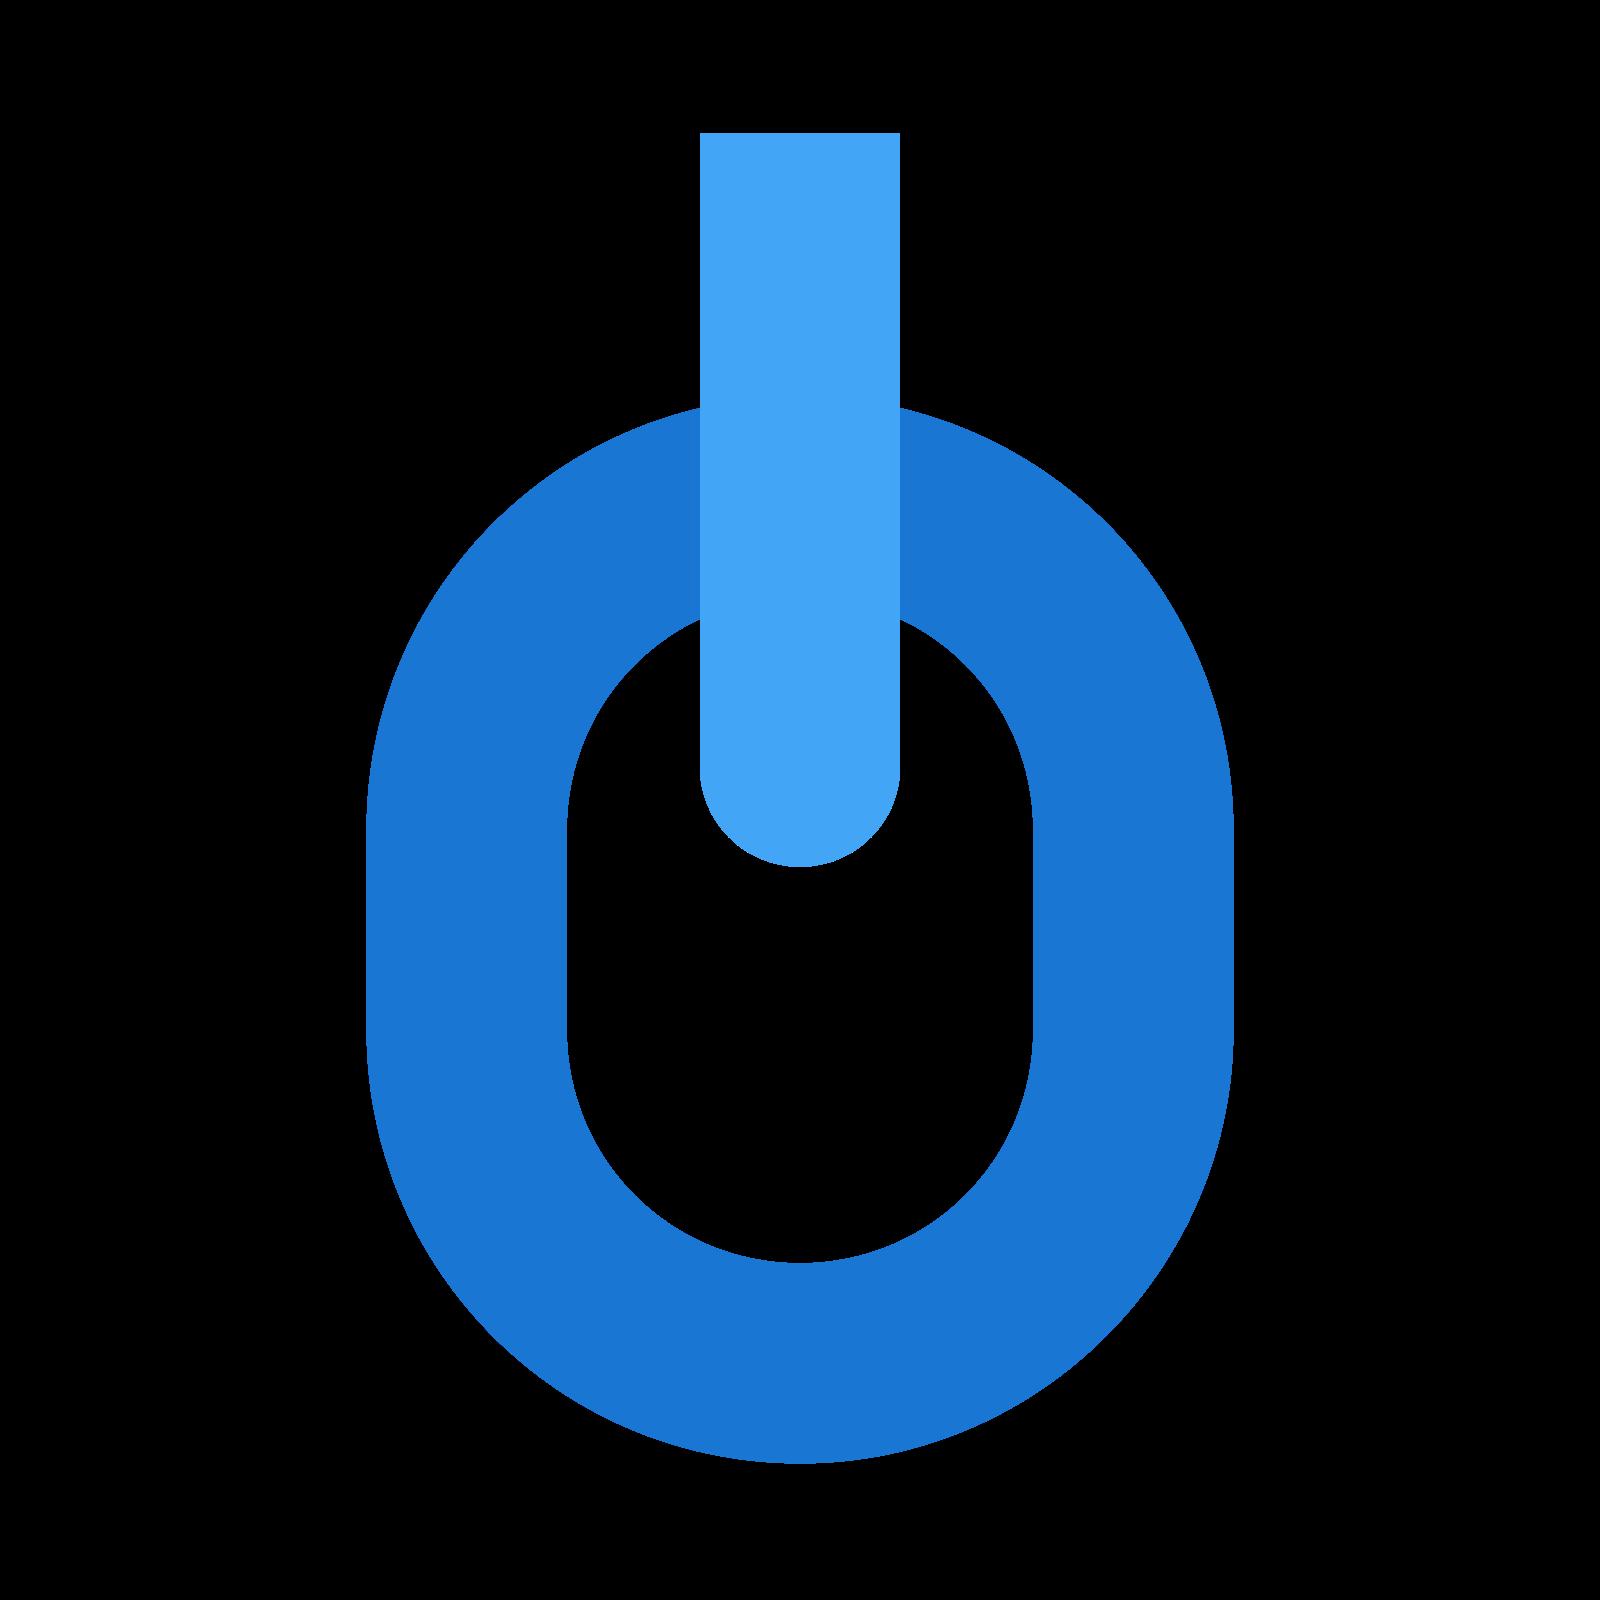 Цепной конец icon